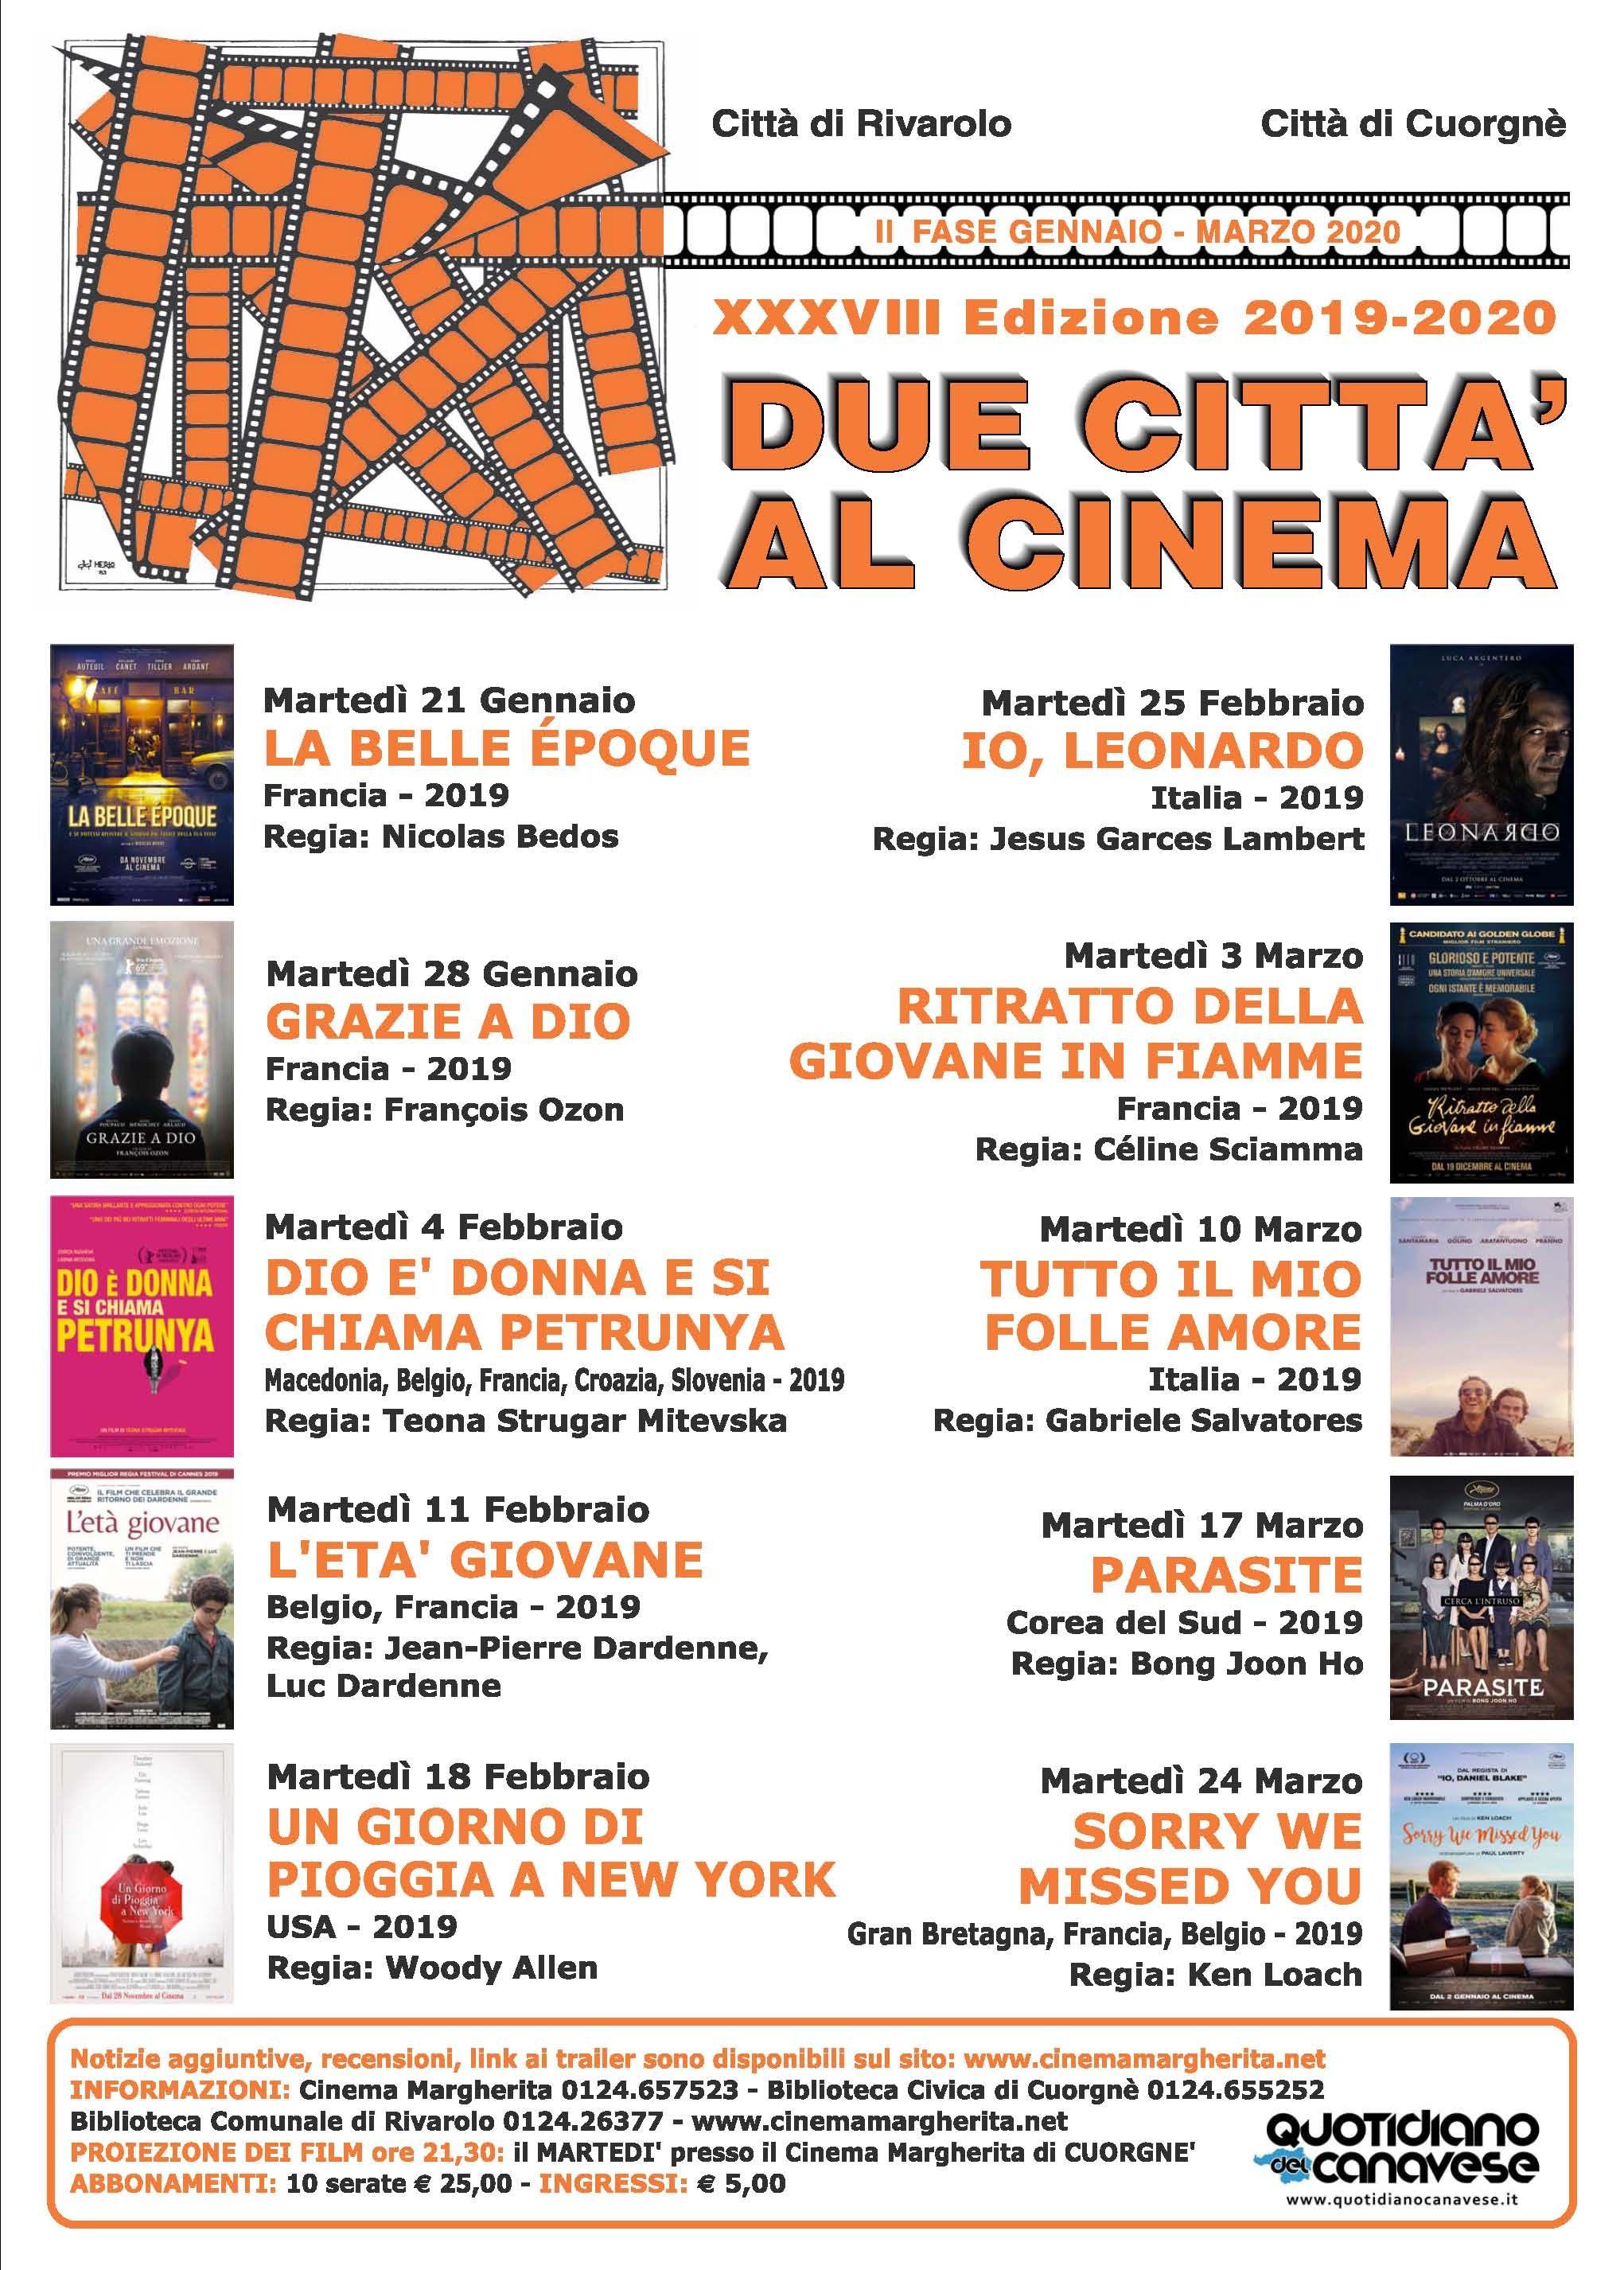 DUE CITTA' AL CINEMA - Dieci nuovi film per la seconda fase della rassegna dal 21 gennaio al 24 marzo - I FILM IN PROGRAMMA